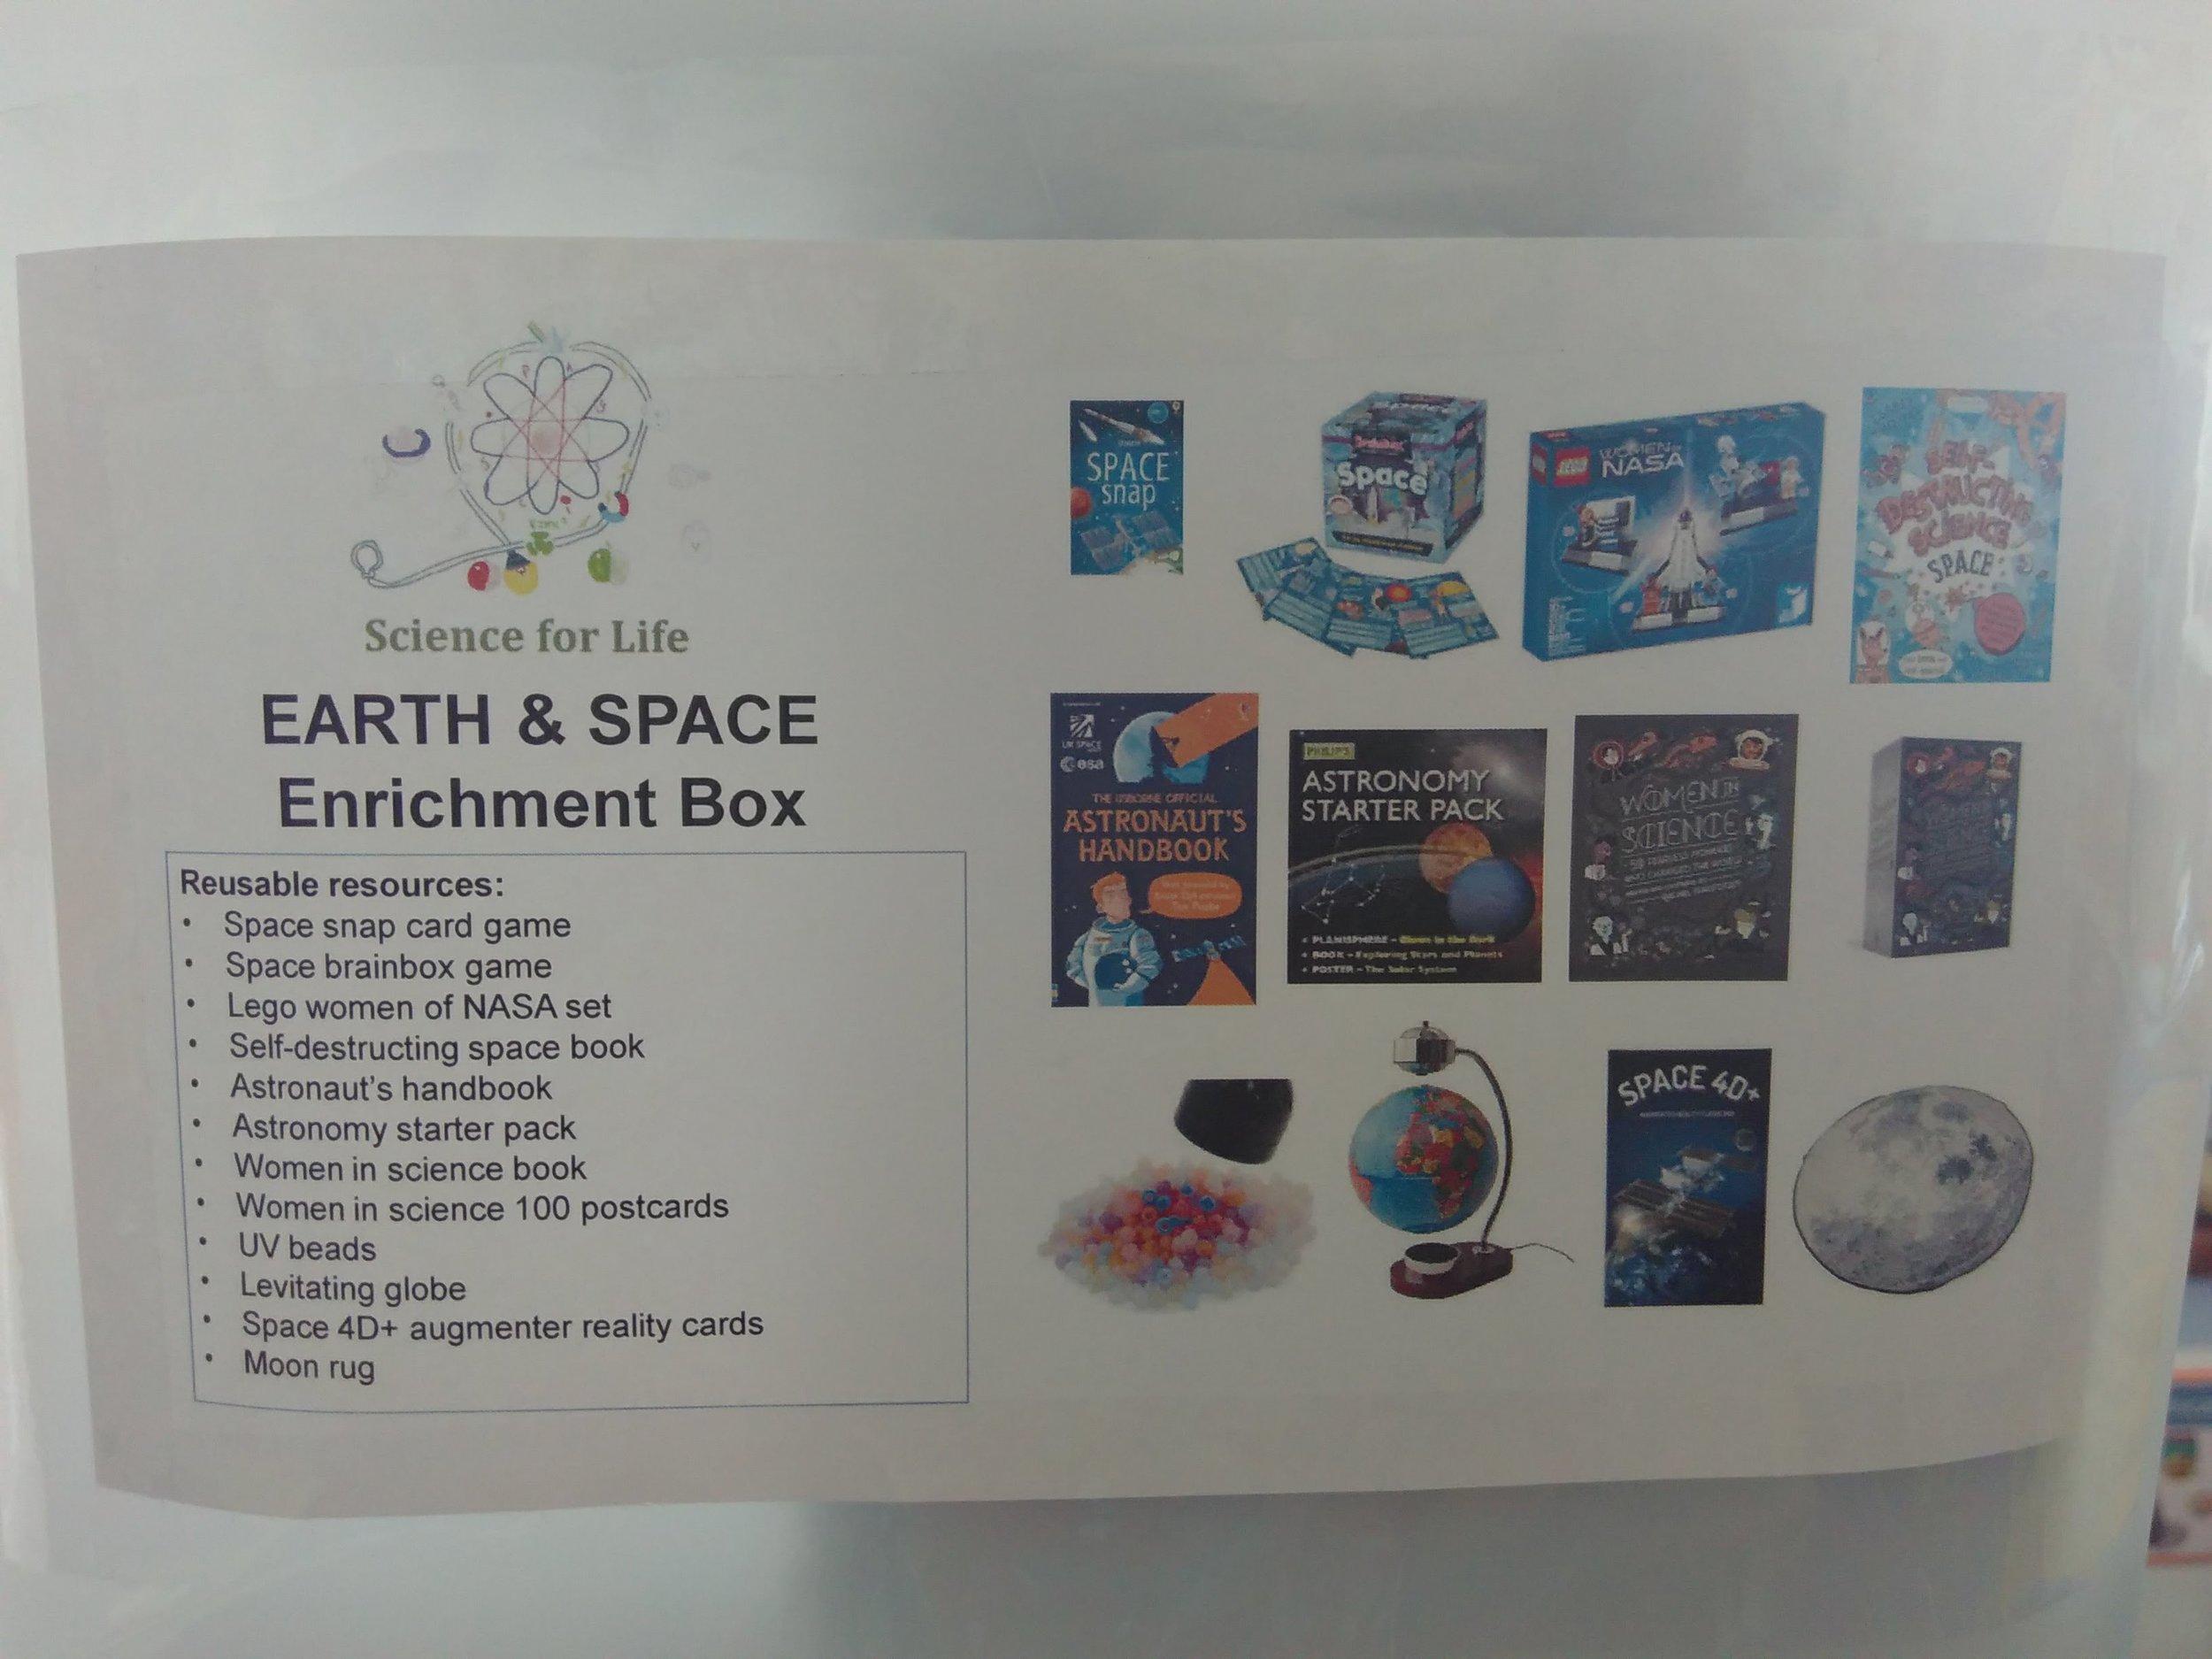 Enrichment resource box contents